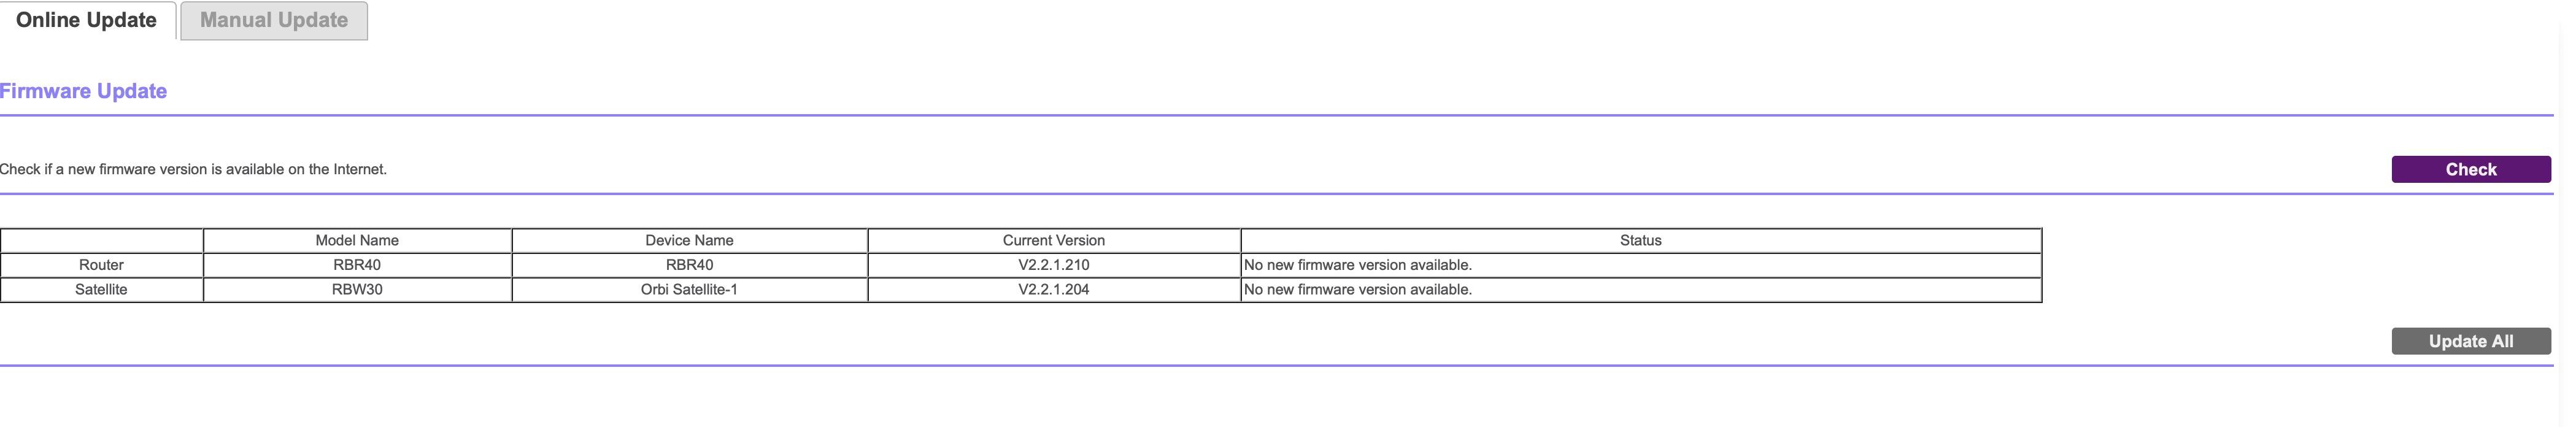 Solved: RBW30 - Firmware 2 3 0 4 - NETGEAR Communities